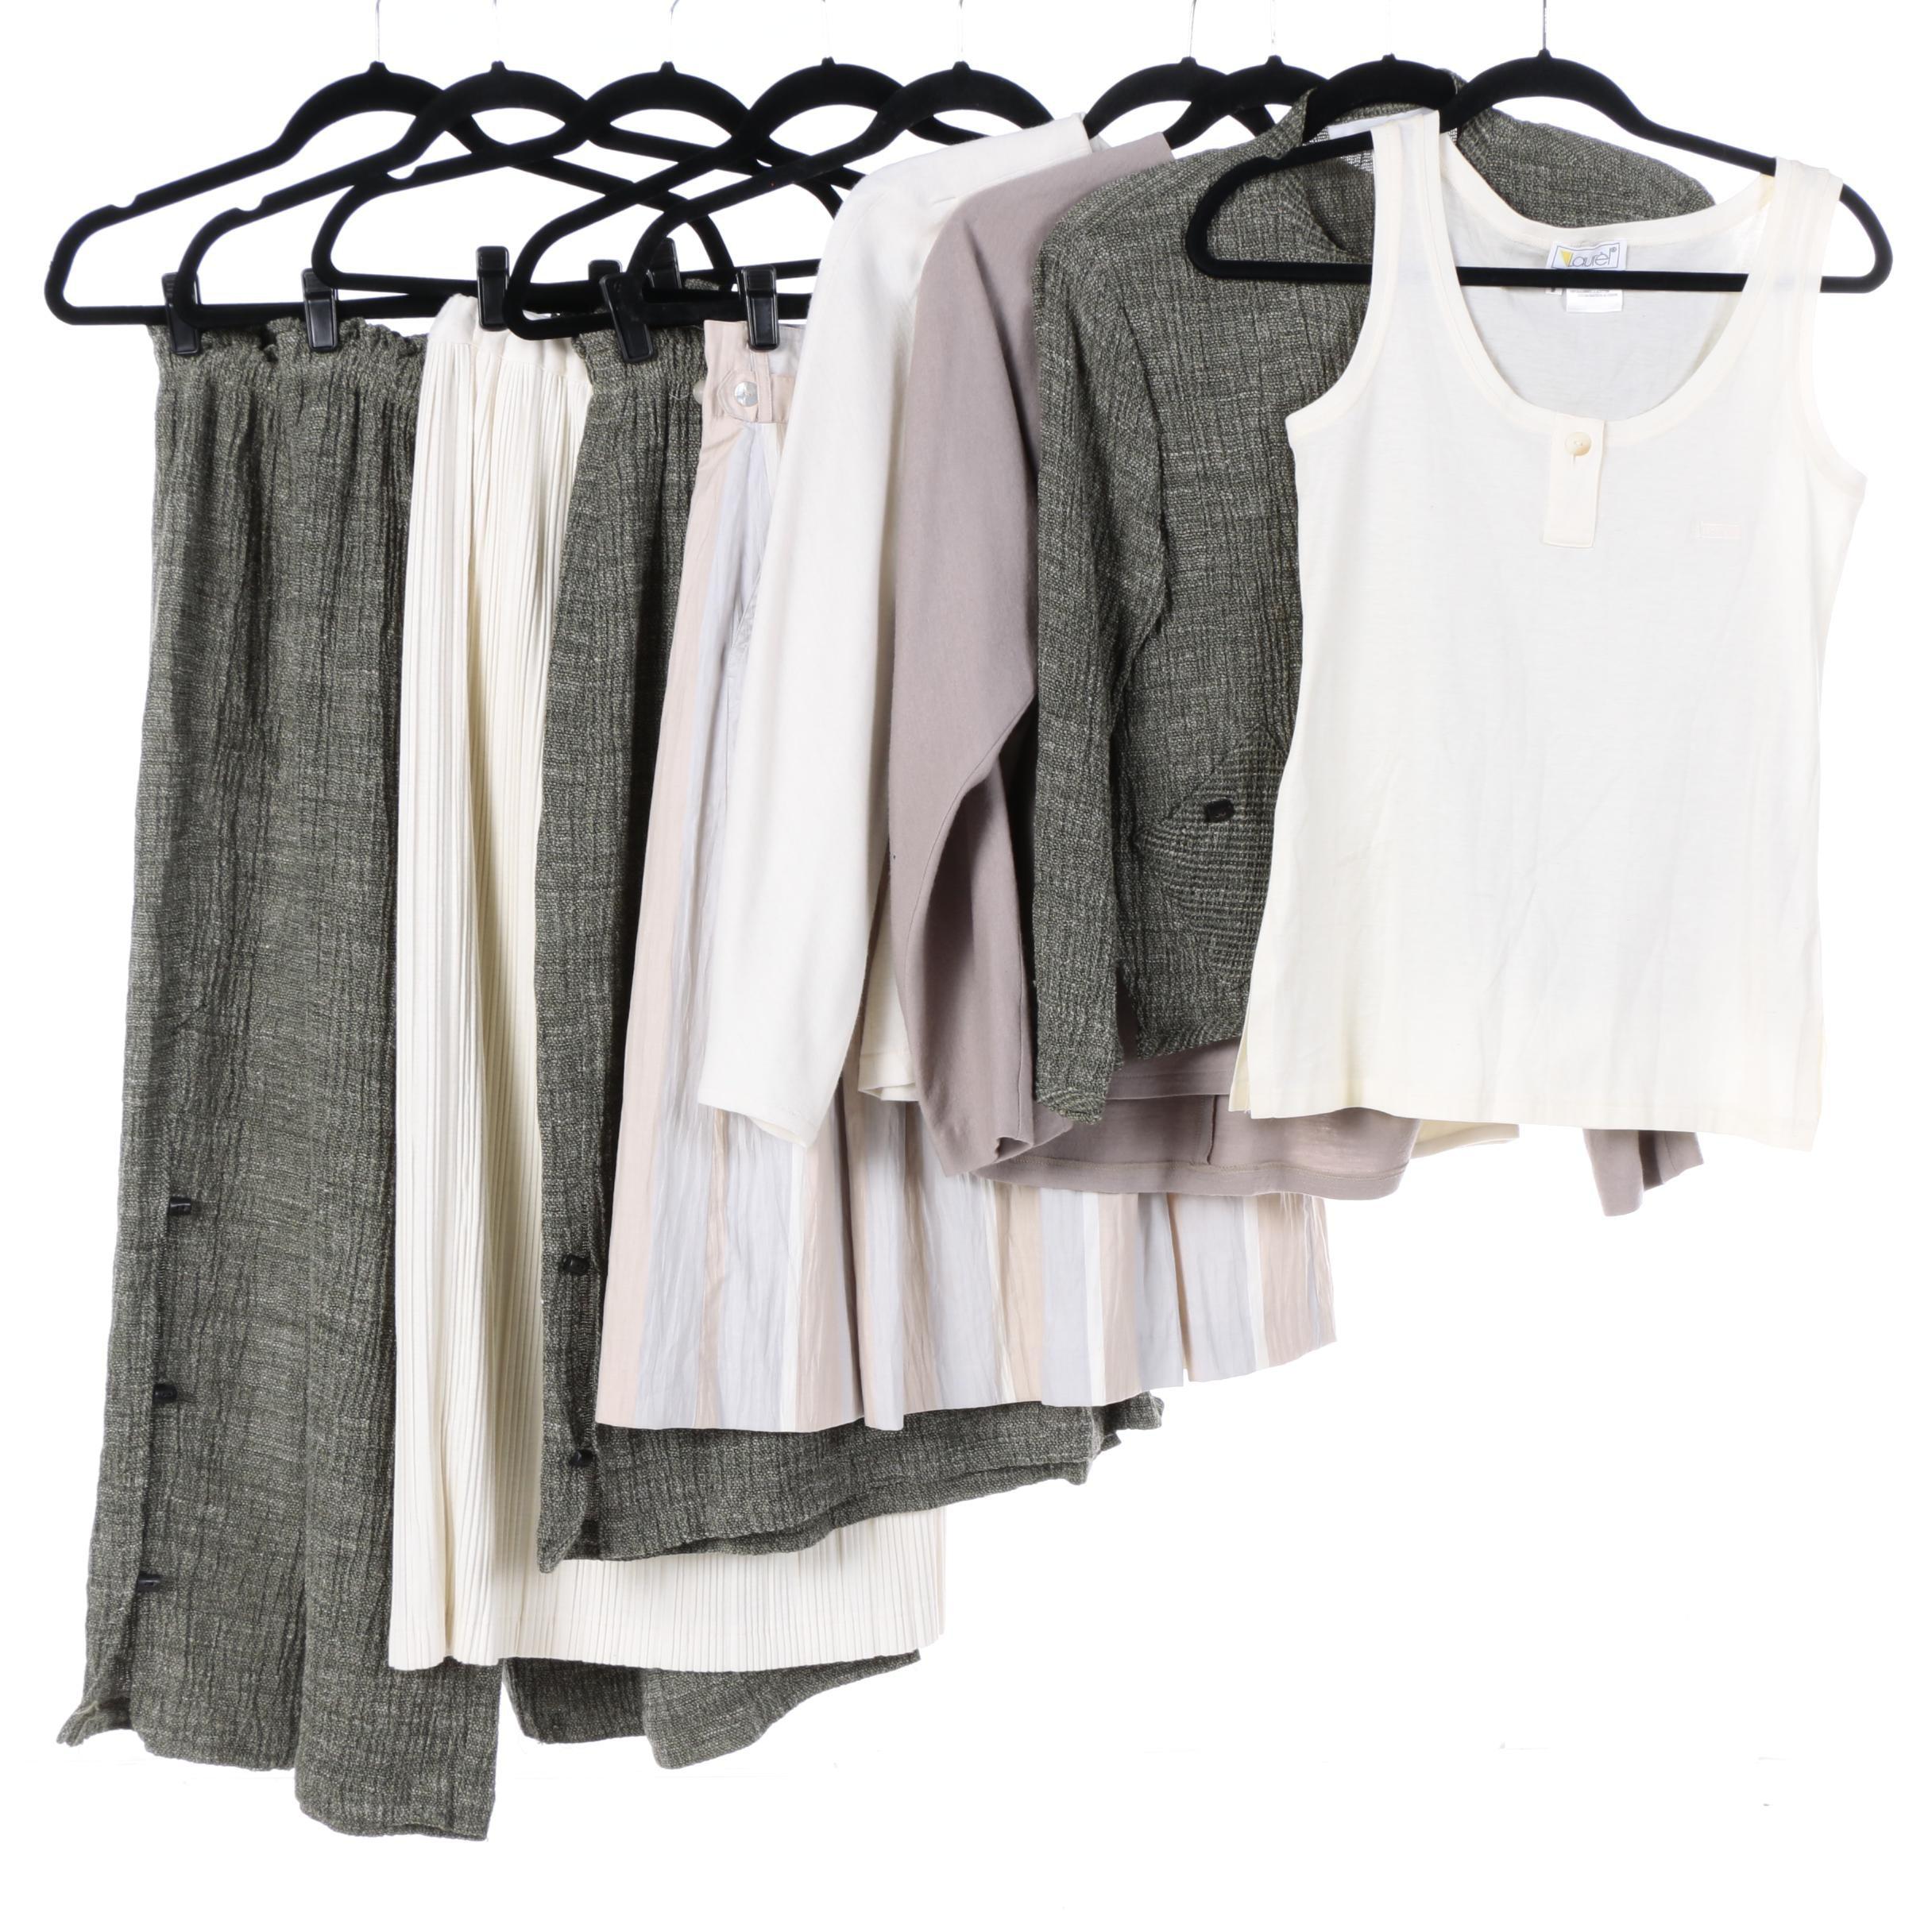 Women's Vintage Clothing Including Laurel, Caroline Rose and Janis Siegel